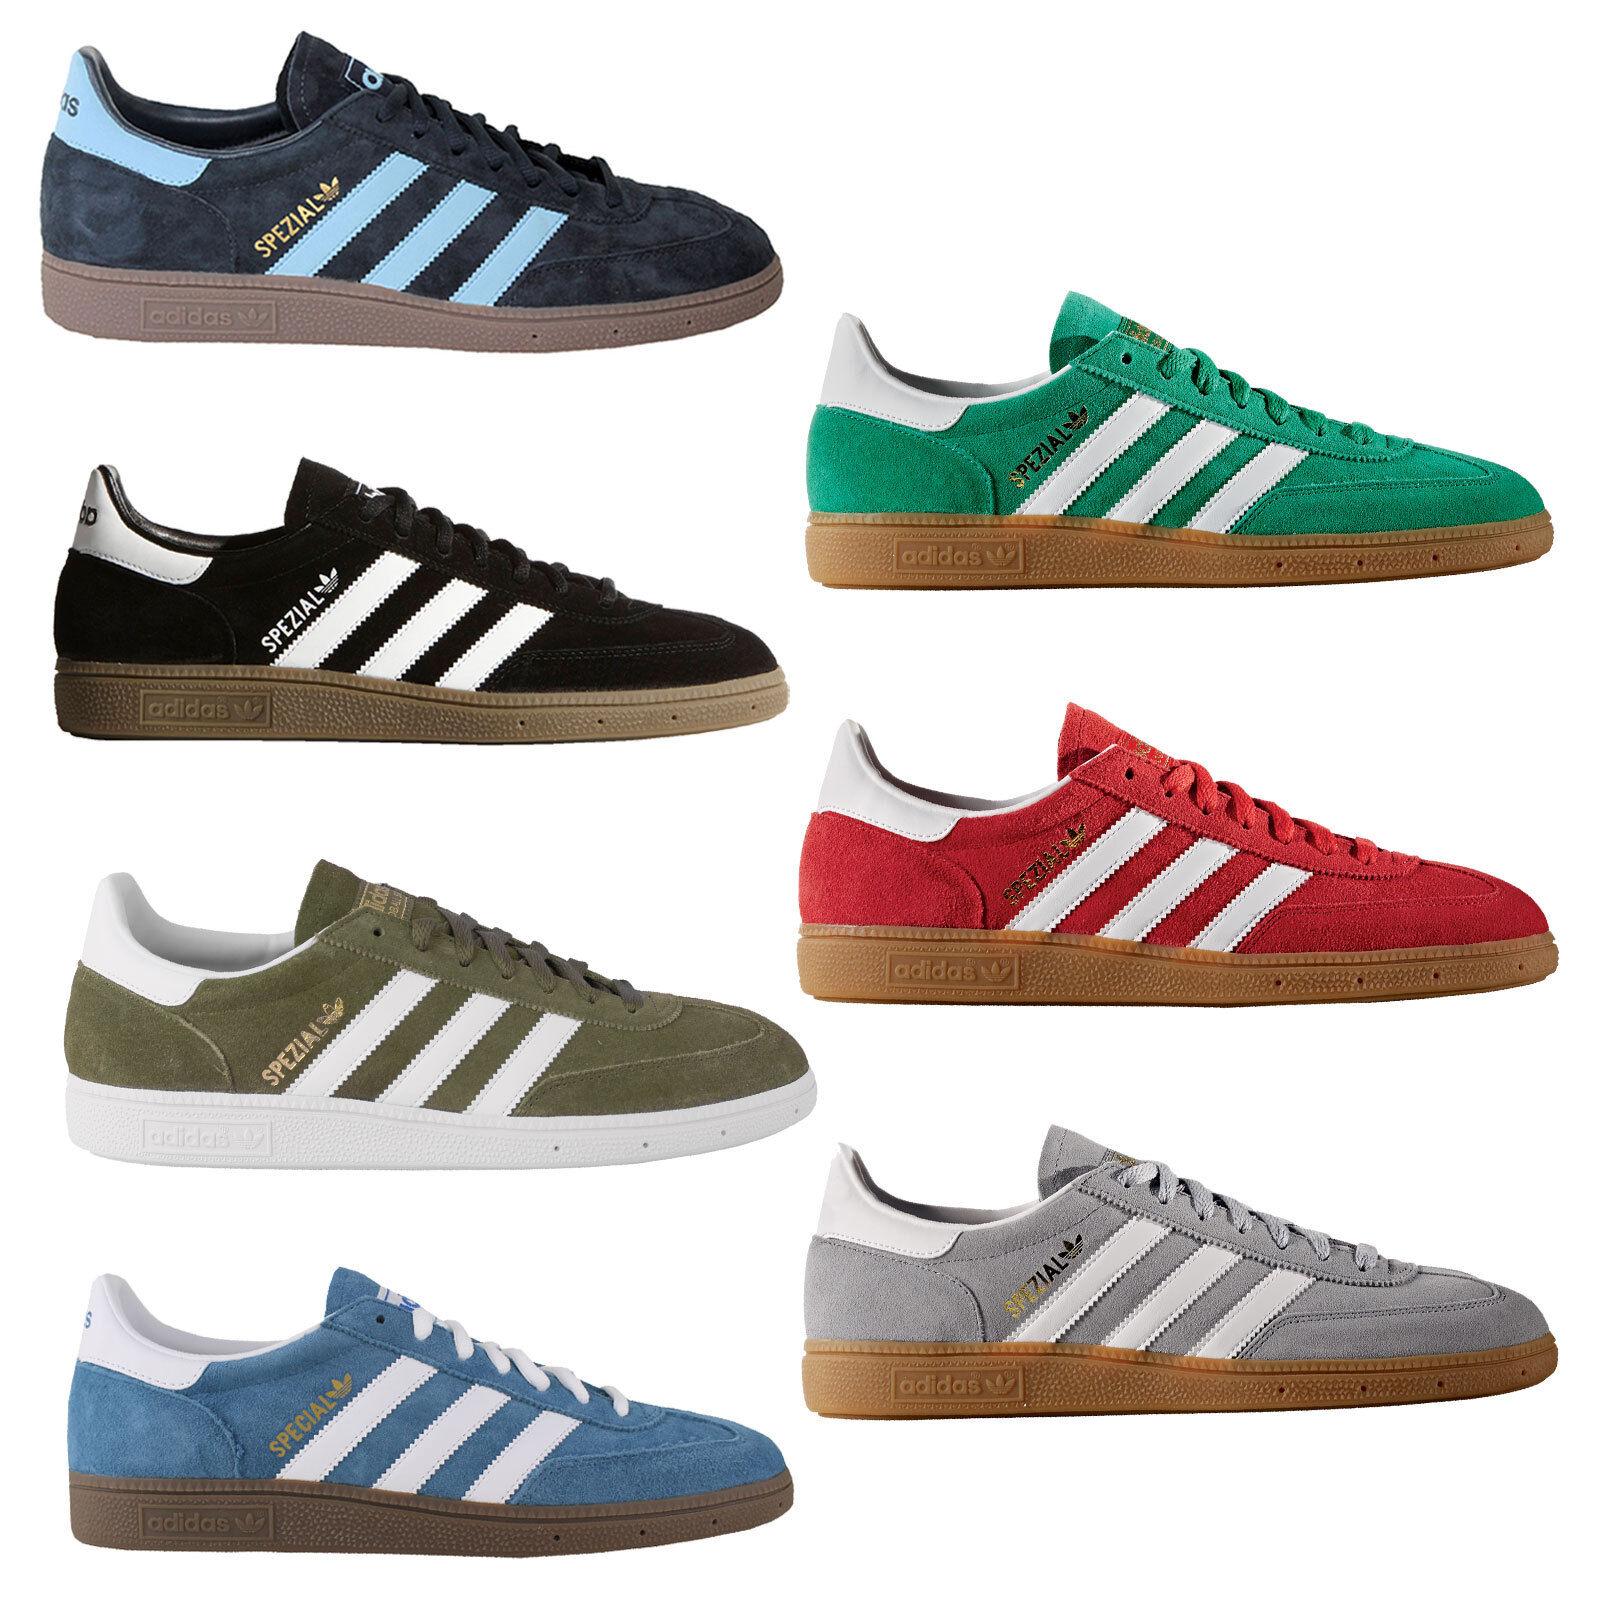 Adidas Originals Hombres Especial Zapatilla Deportiva para Hombres Originals Zapatos 7f9334